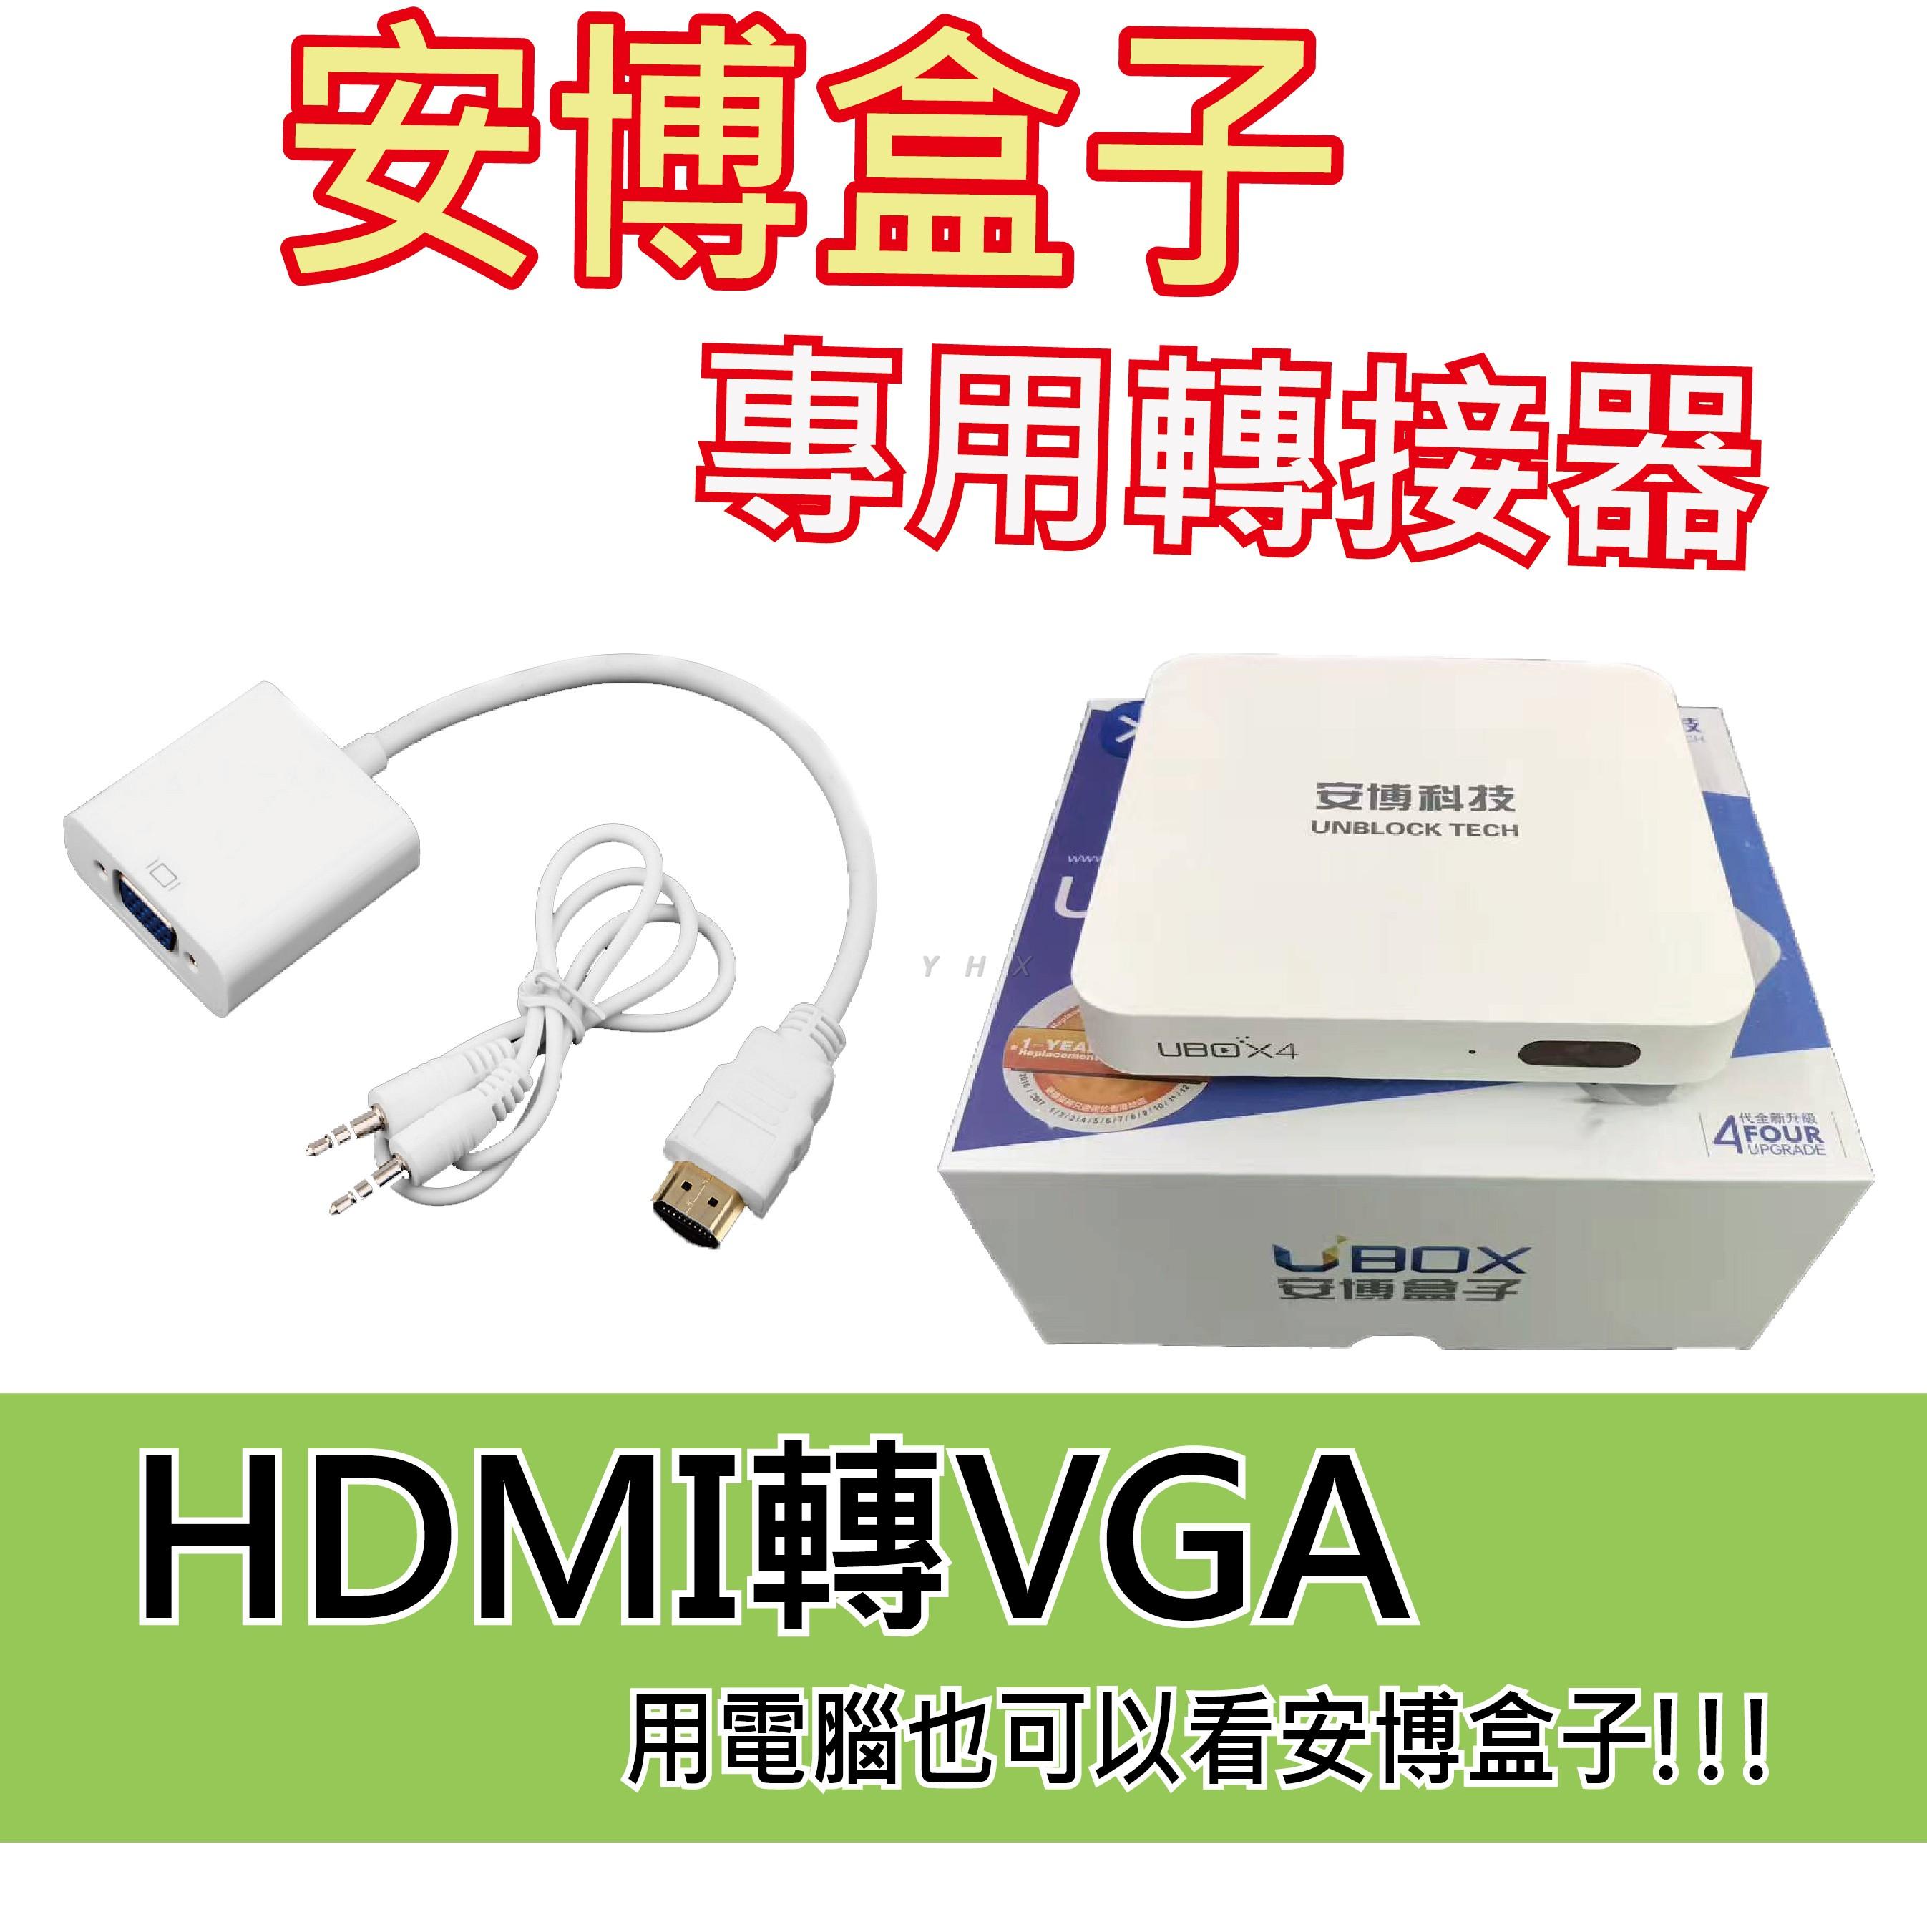 安博盒子專用轉接器! 用電腦就能看安博盒子 HDMI轉VGA 安博盒子3 安博盒子4 安博盒子